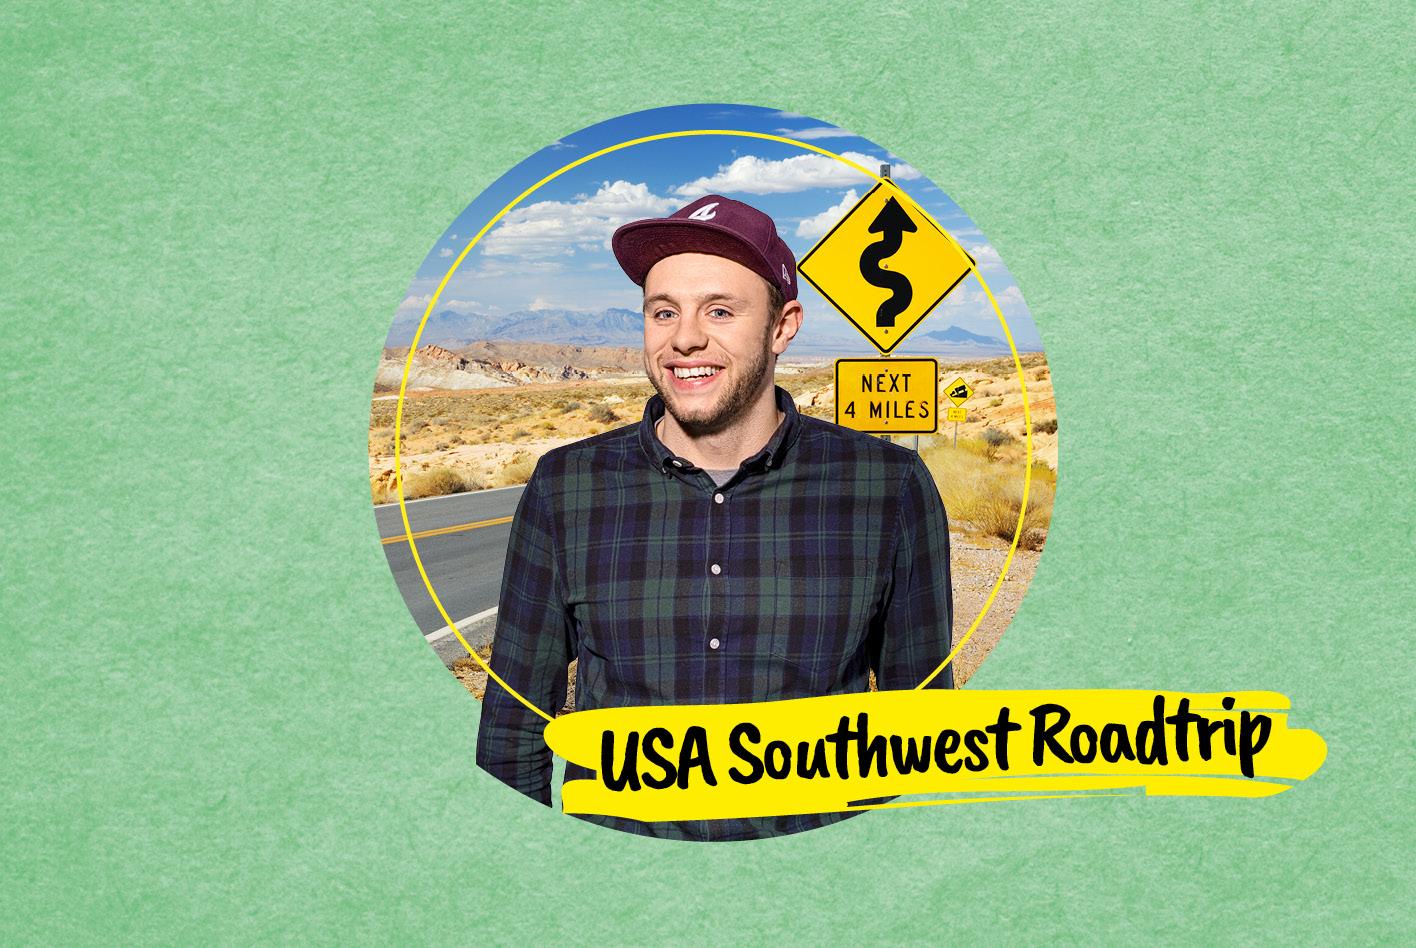 USA Southwest Roadtrip